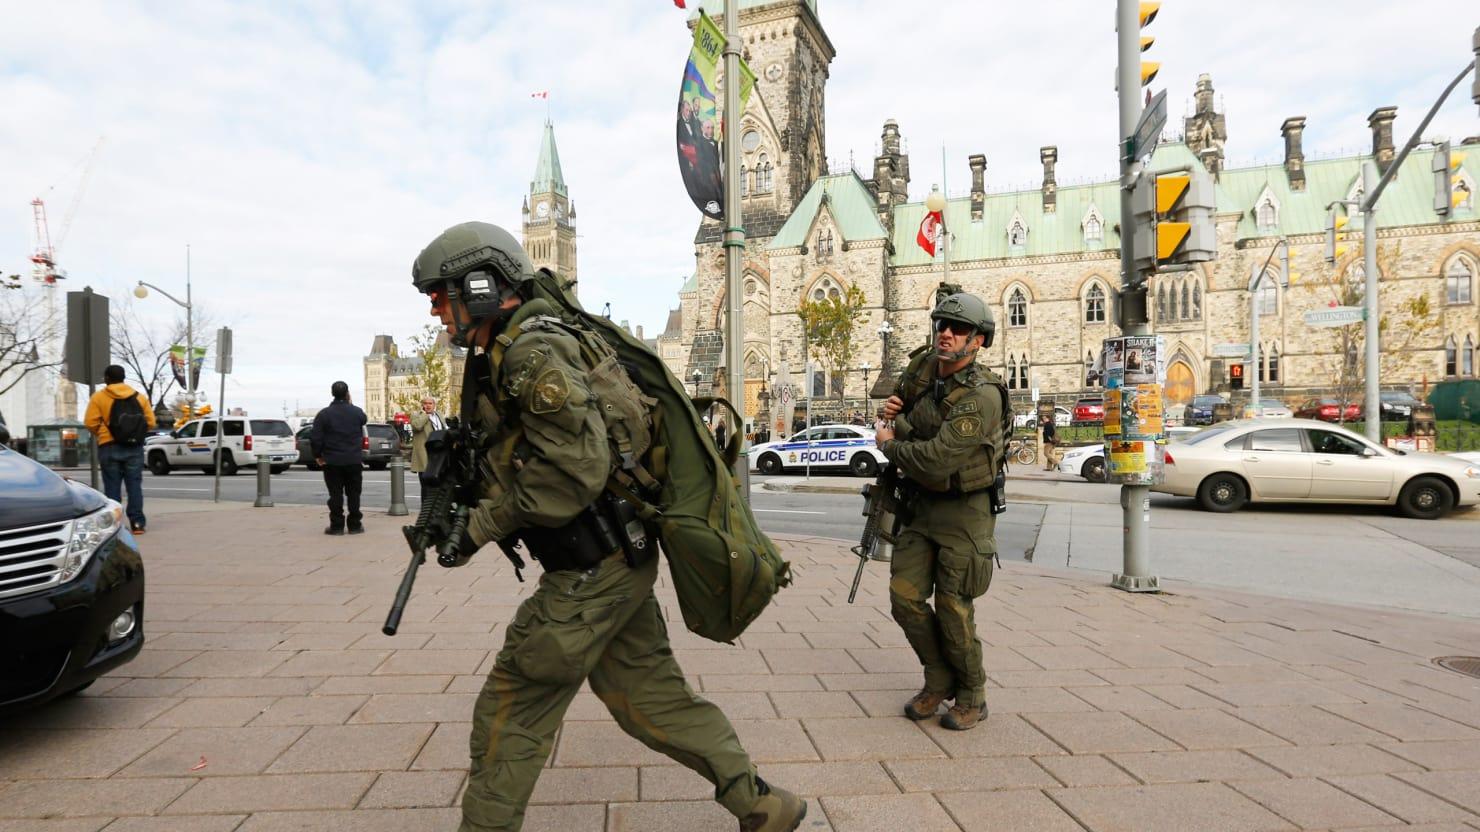 Atac armat în Canada: Cel puțin patru oameni au murit